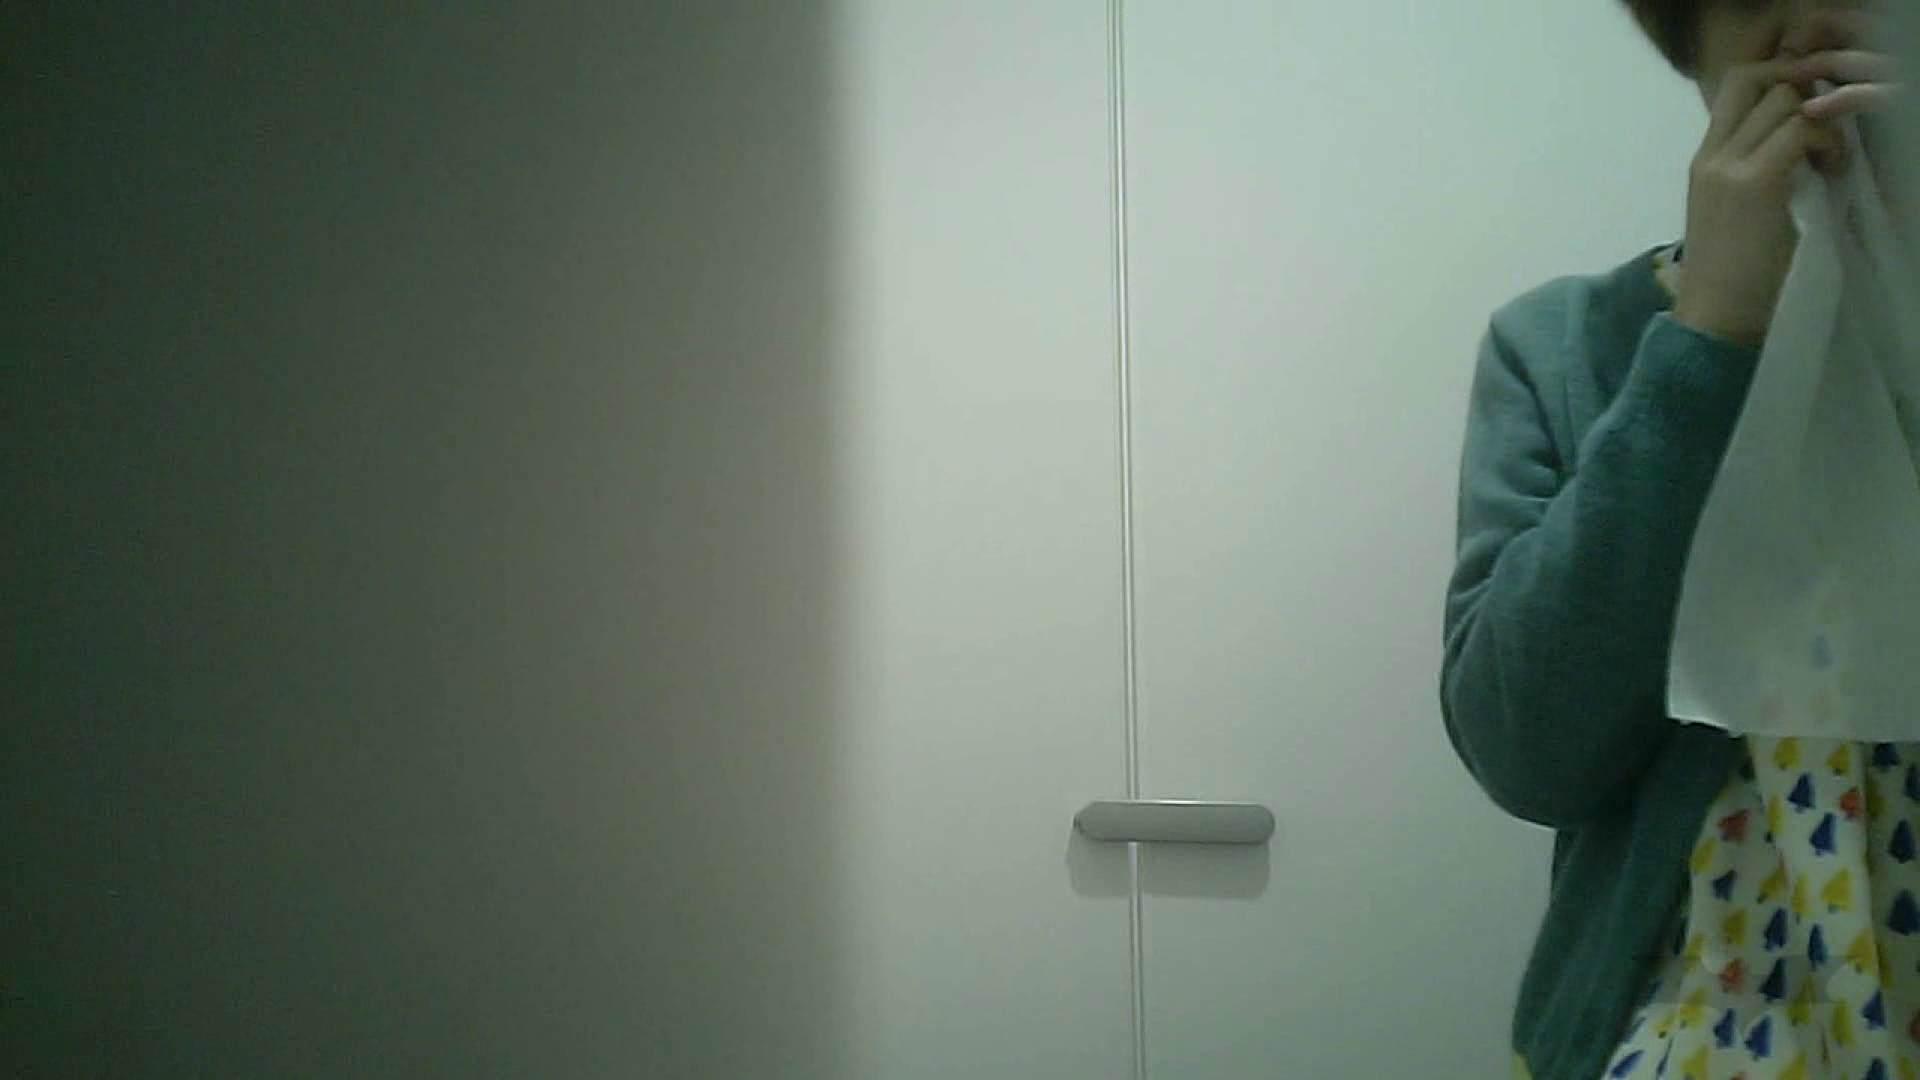 有名大学女性洗面所 vol.36 すっごい「ほじって」ます。 洗面所 覗き性交動画流出 44pic 33